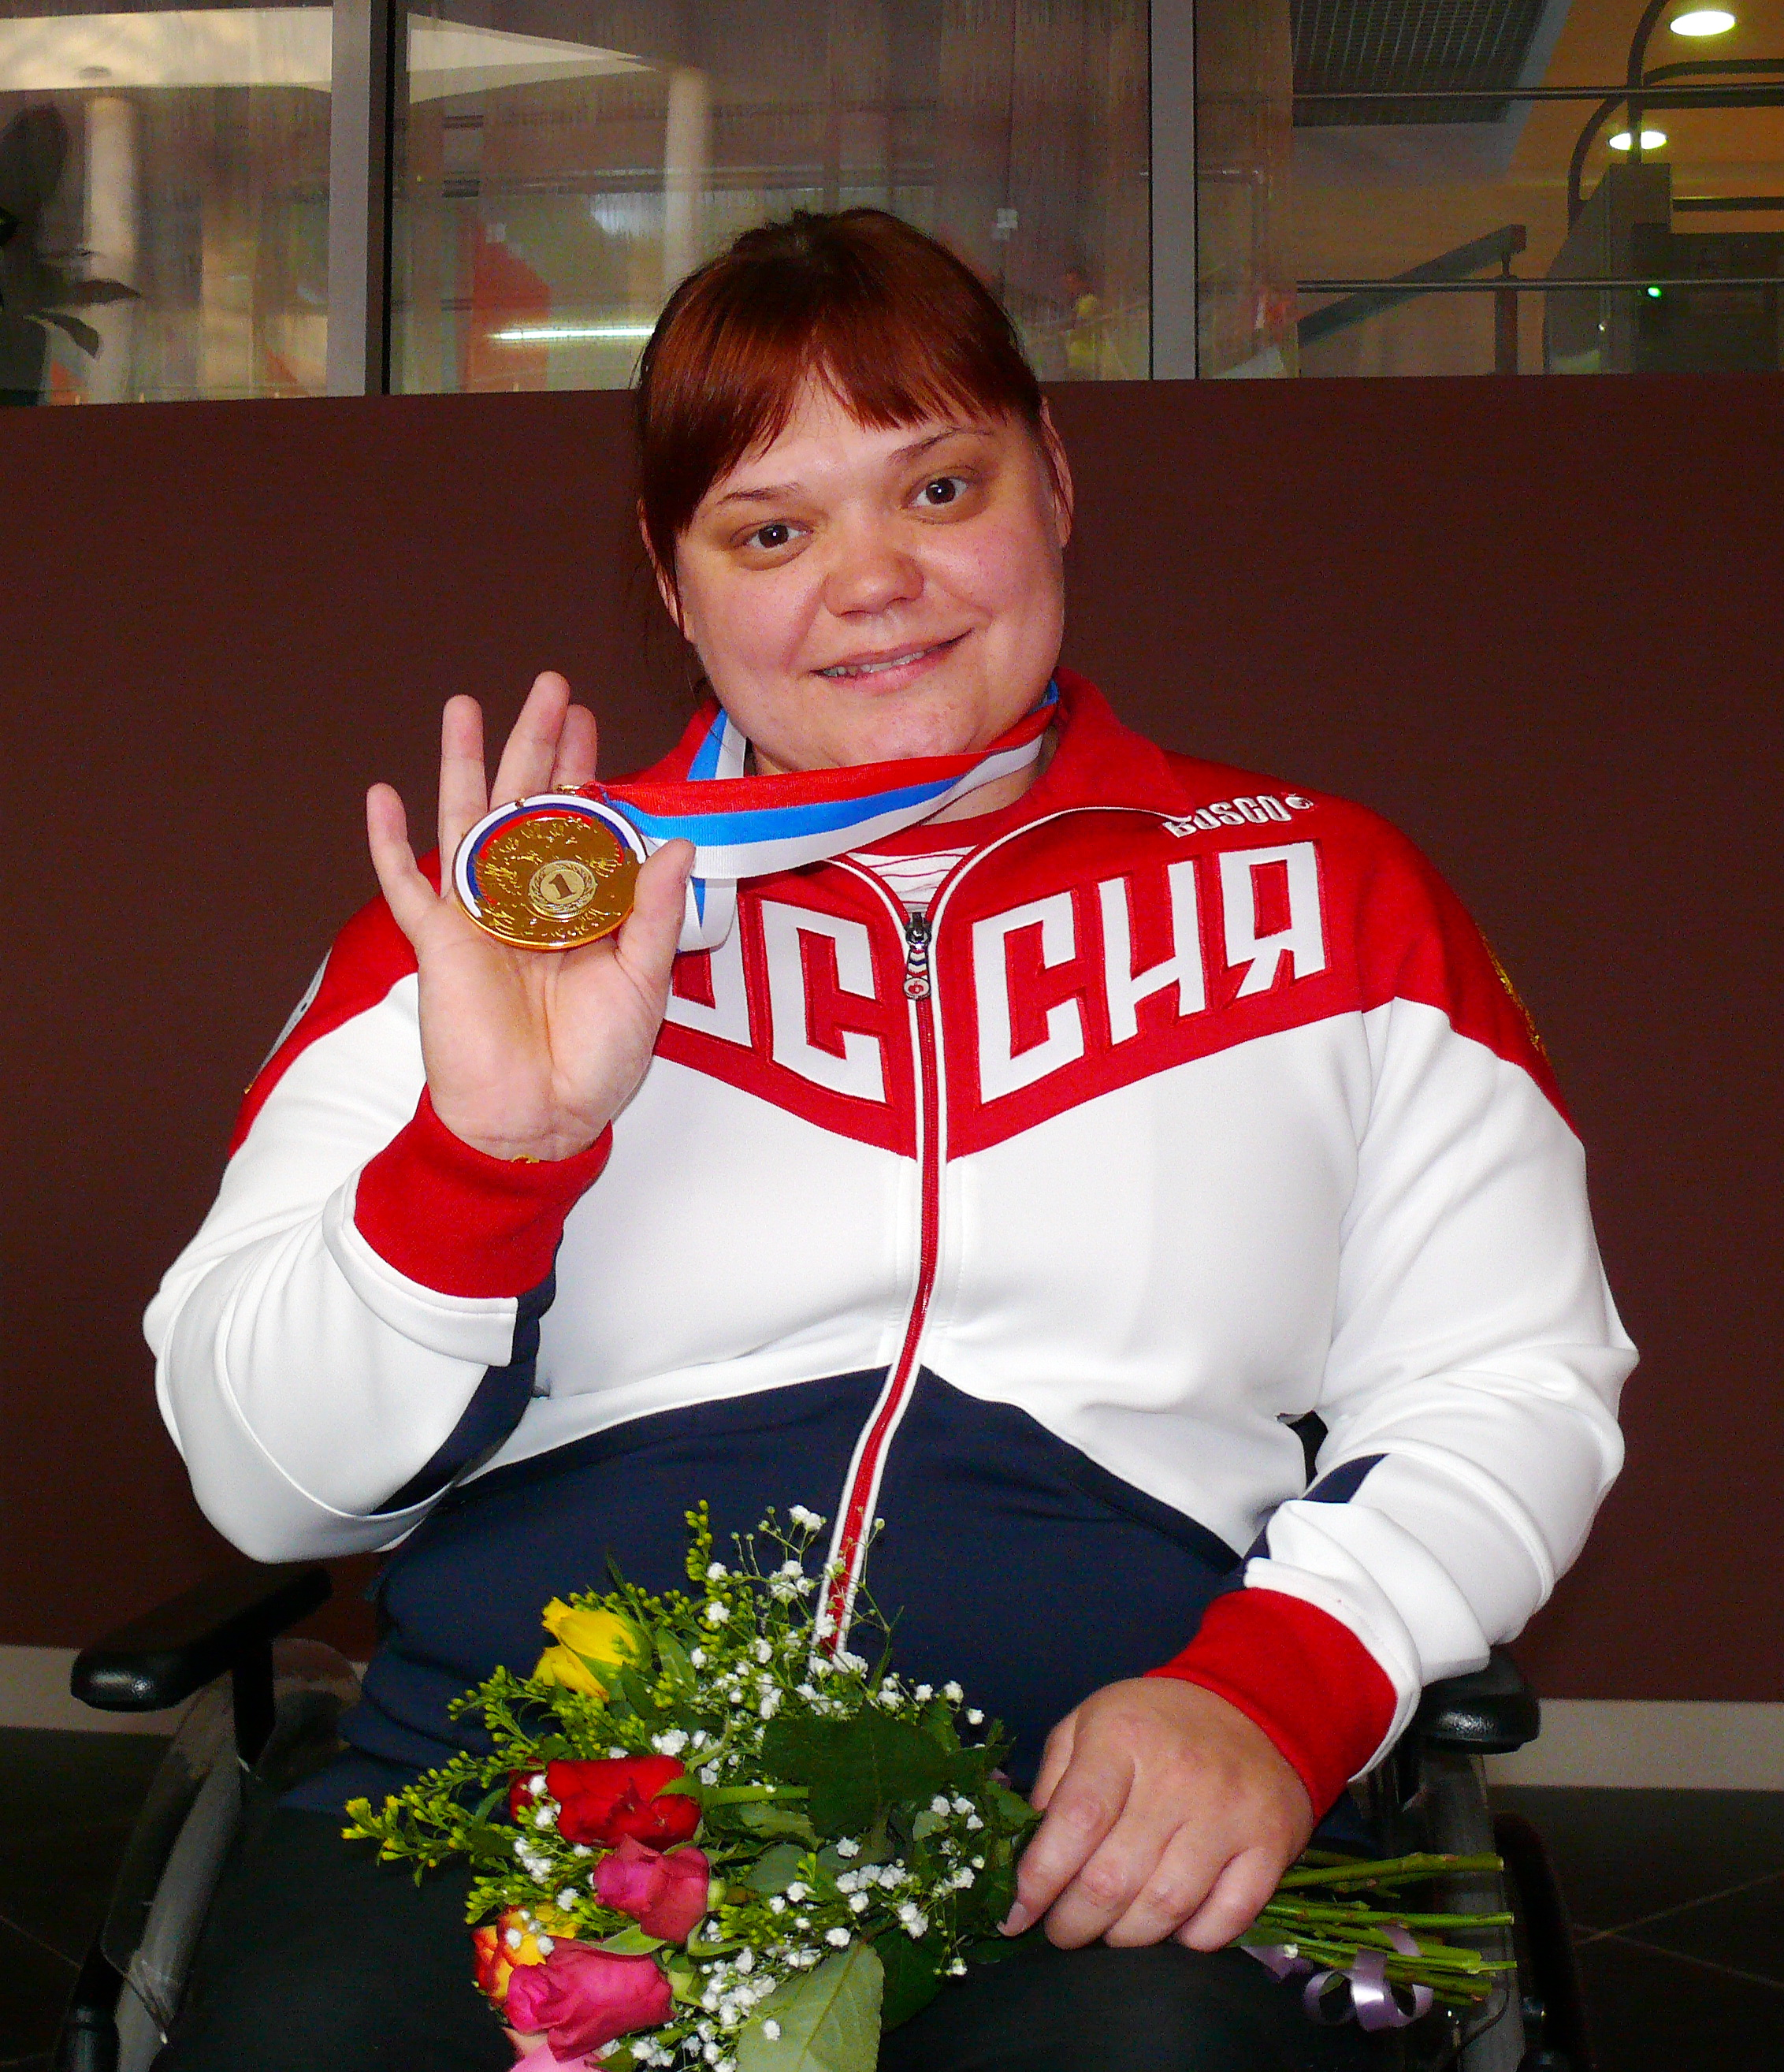 Югорчанка завоевала золото на интернациональных соревнованиях попаурлифтингу